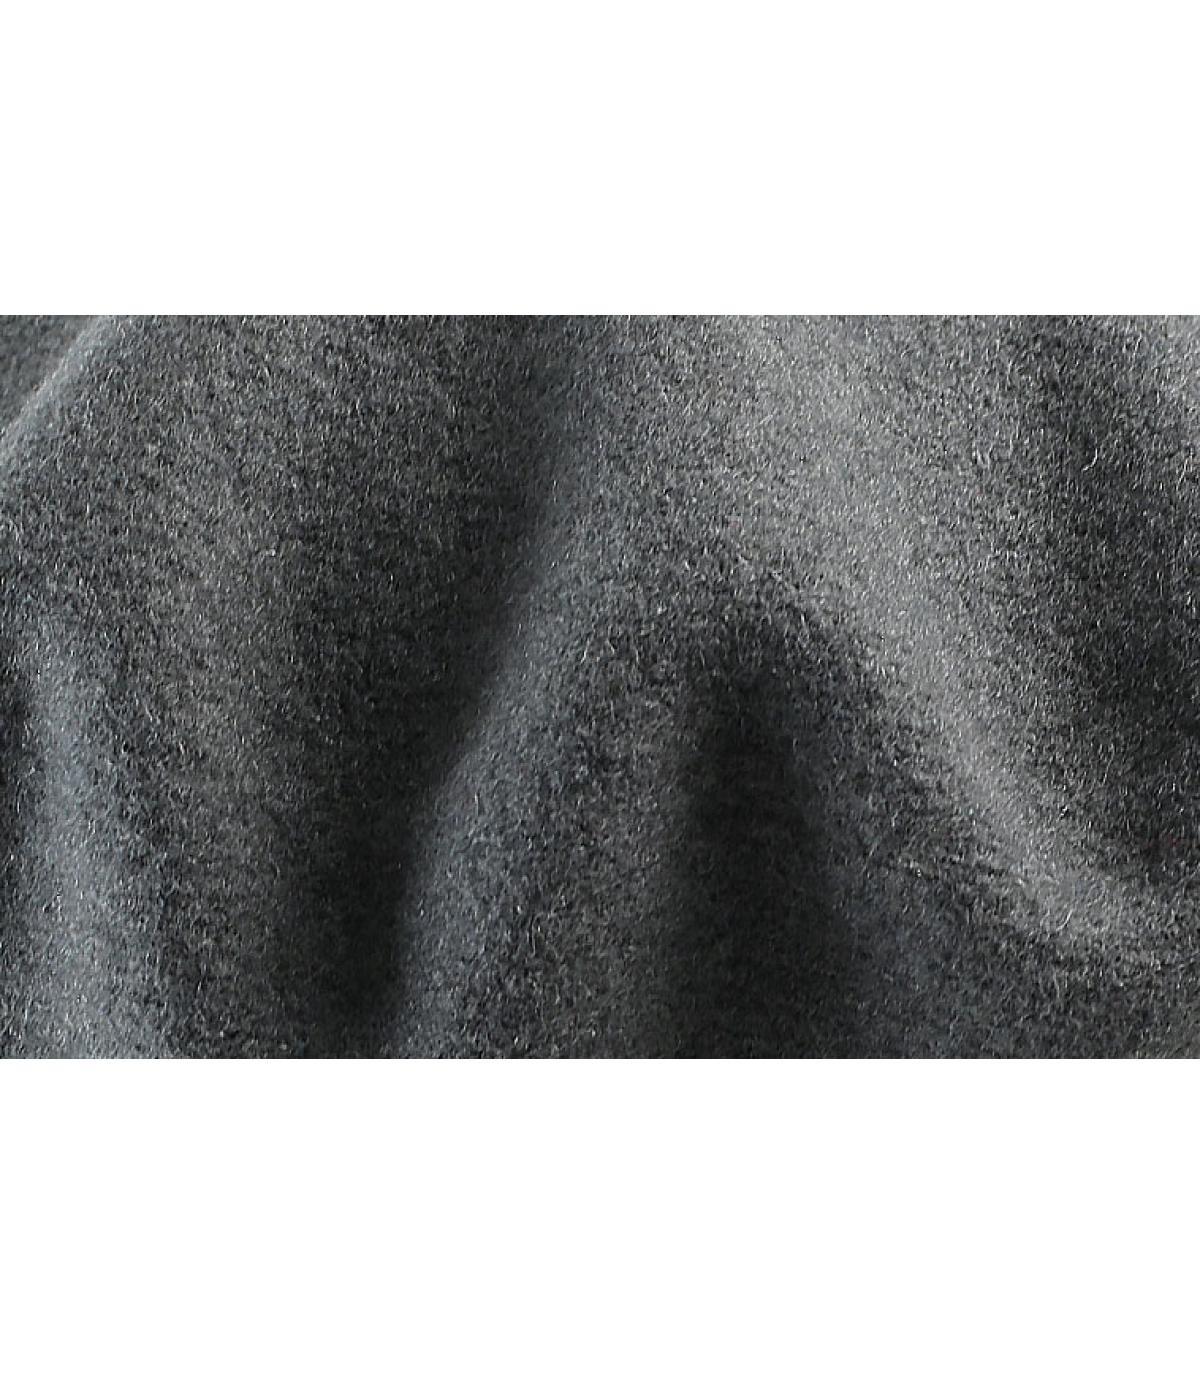 Détails Beret classique gris roche wm - image 3